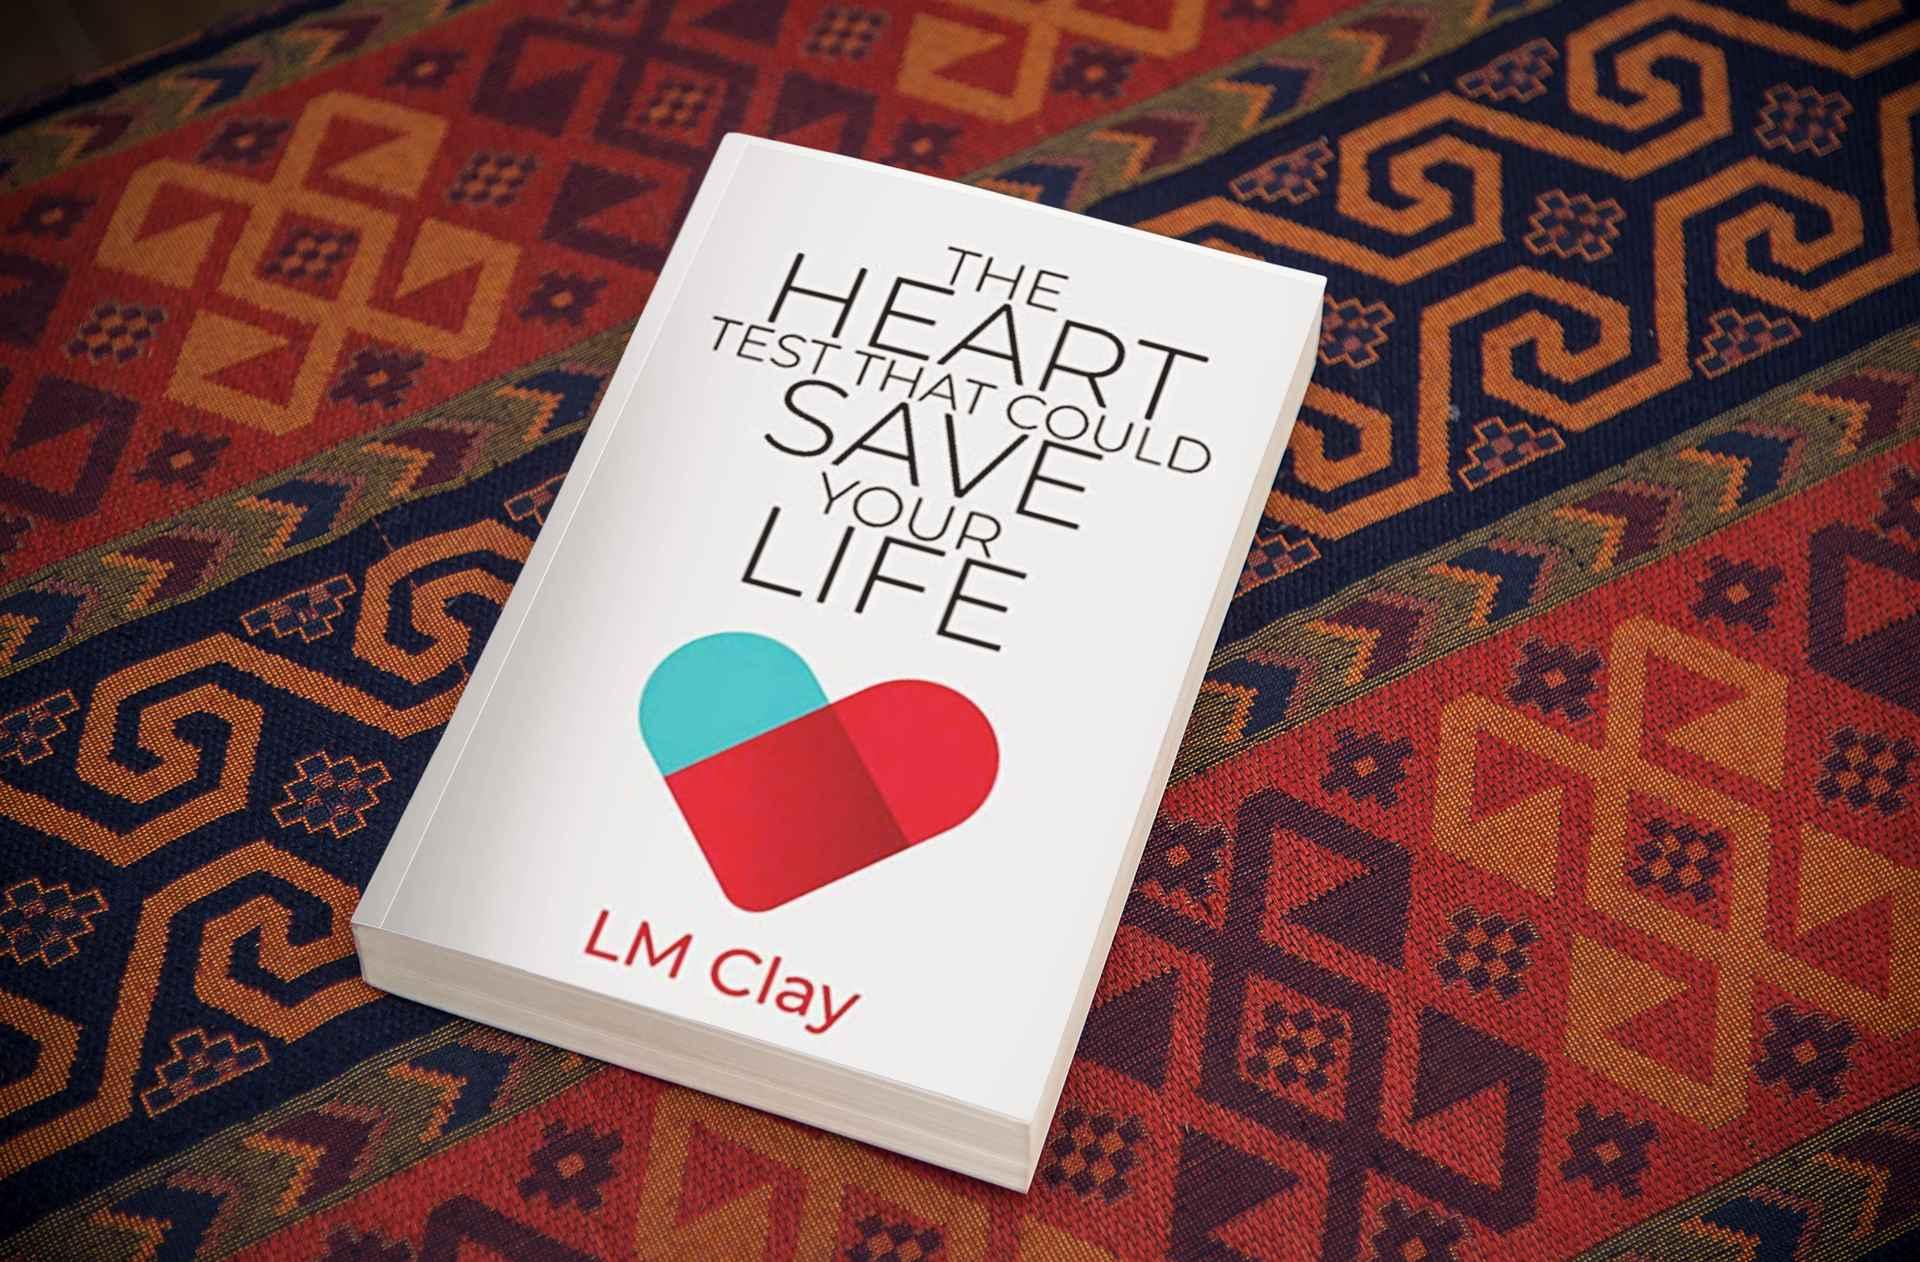 https://www.wilsdomain.com/pages/heart-disease-info-book/Heart-Disease-Book.jpg